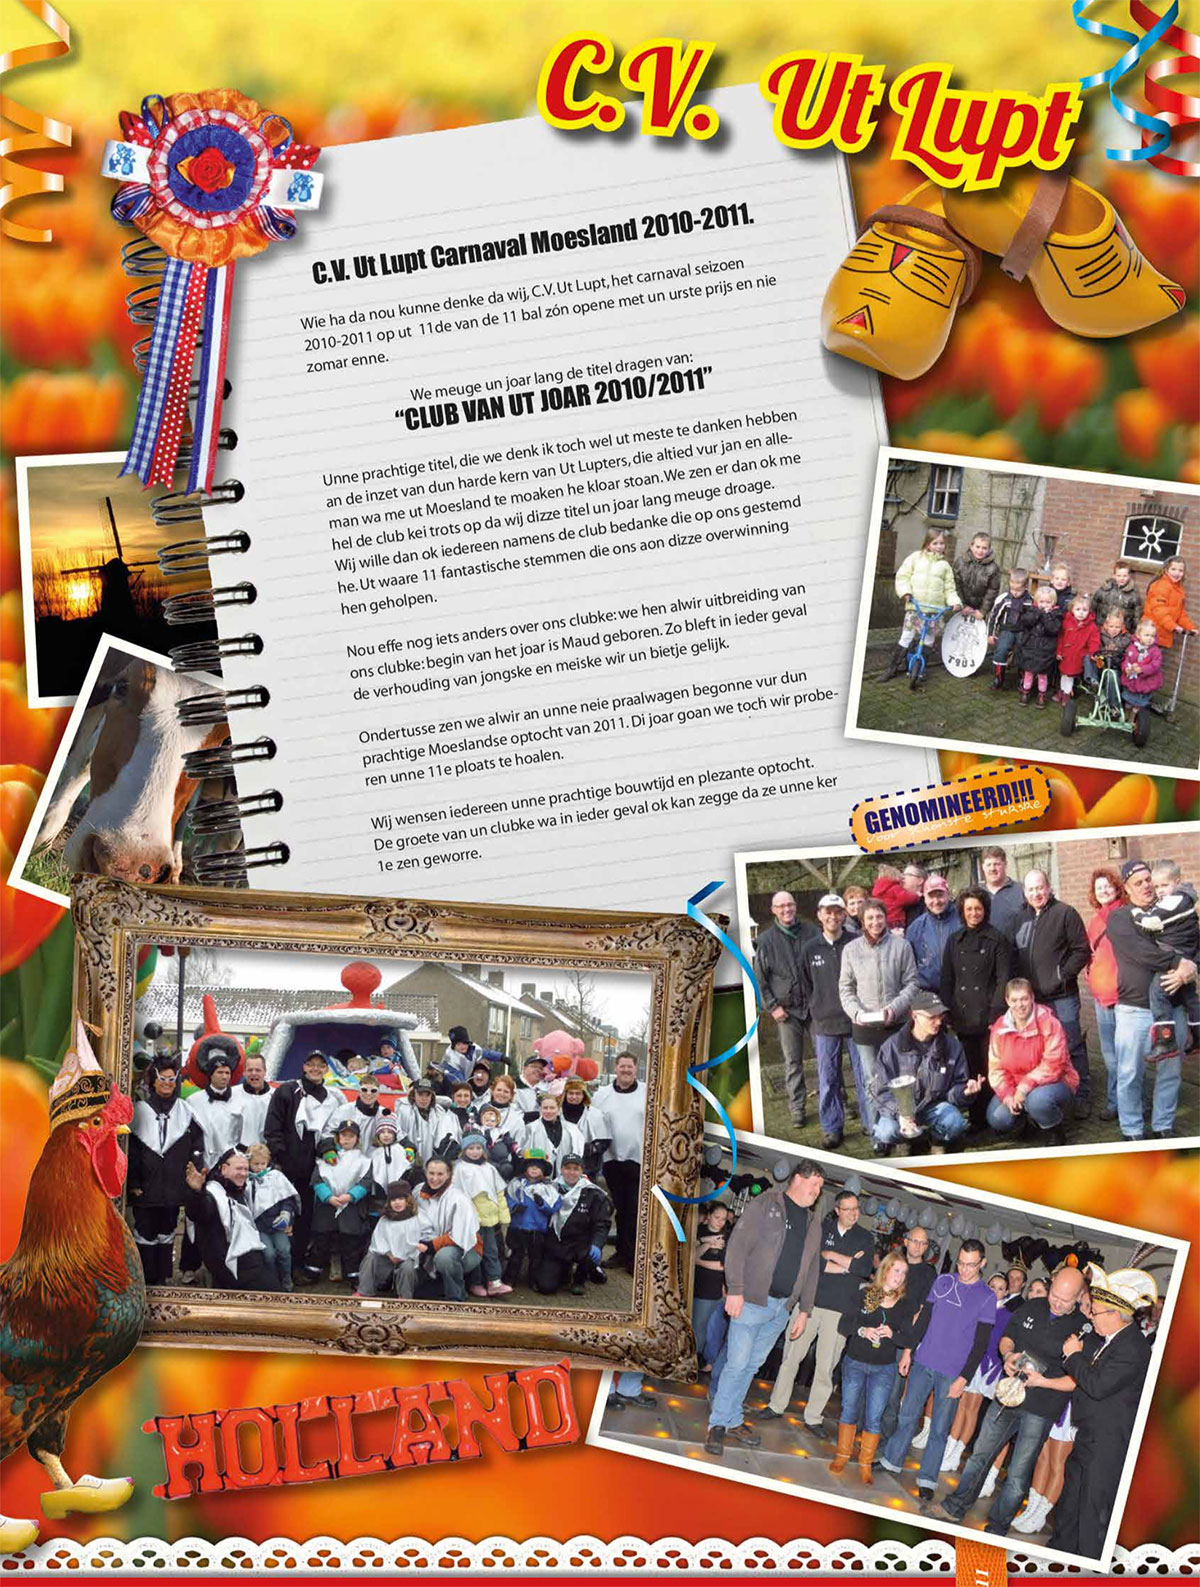 Stukje van Ut Lupt uit de carnavalskrant van Schaijk - 2011